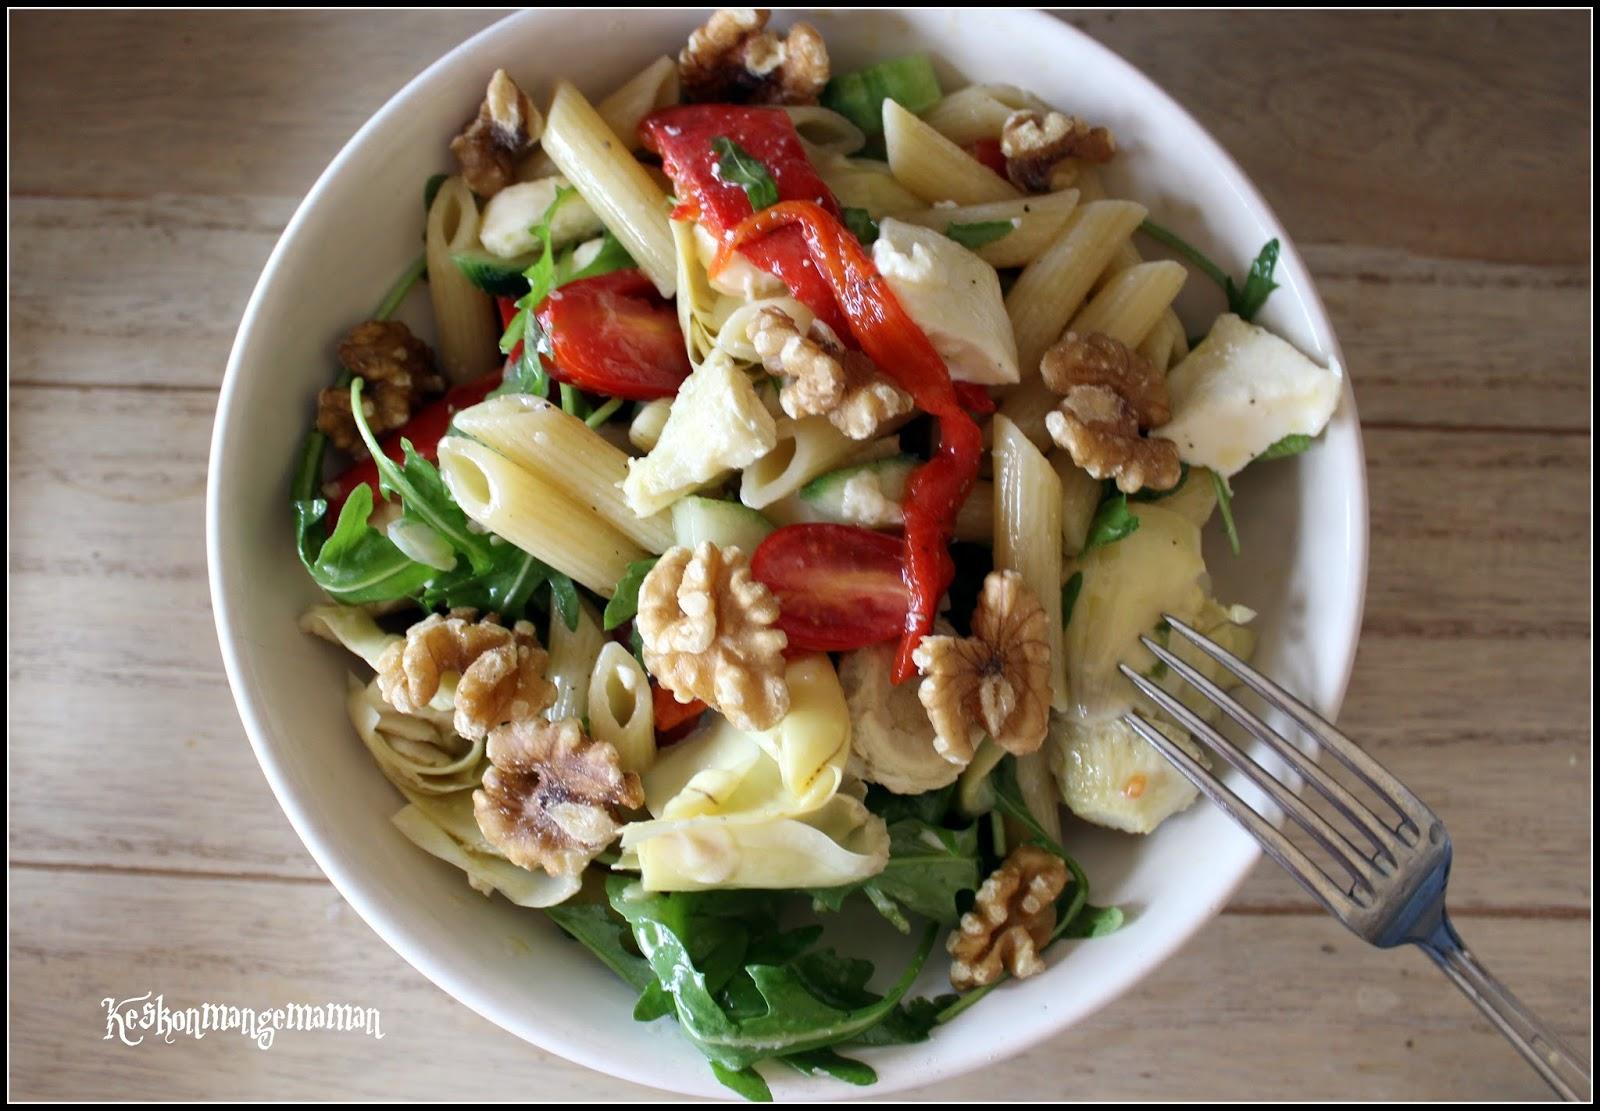 Salade de p tes l 39 italienne blogs de cuisine - Blog de cuisine italienne ...